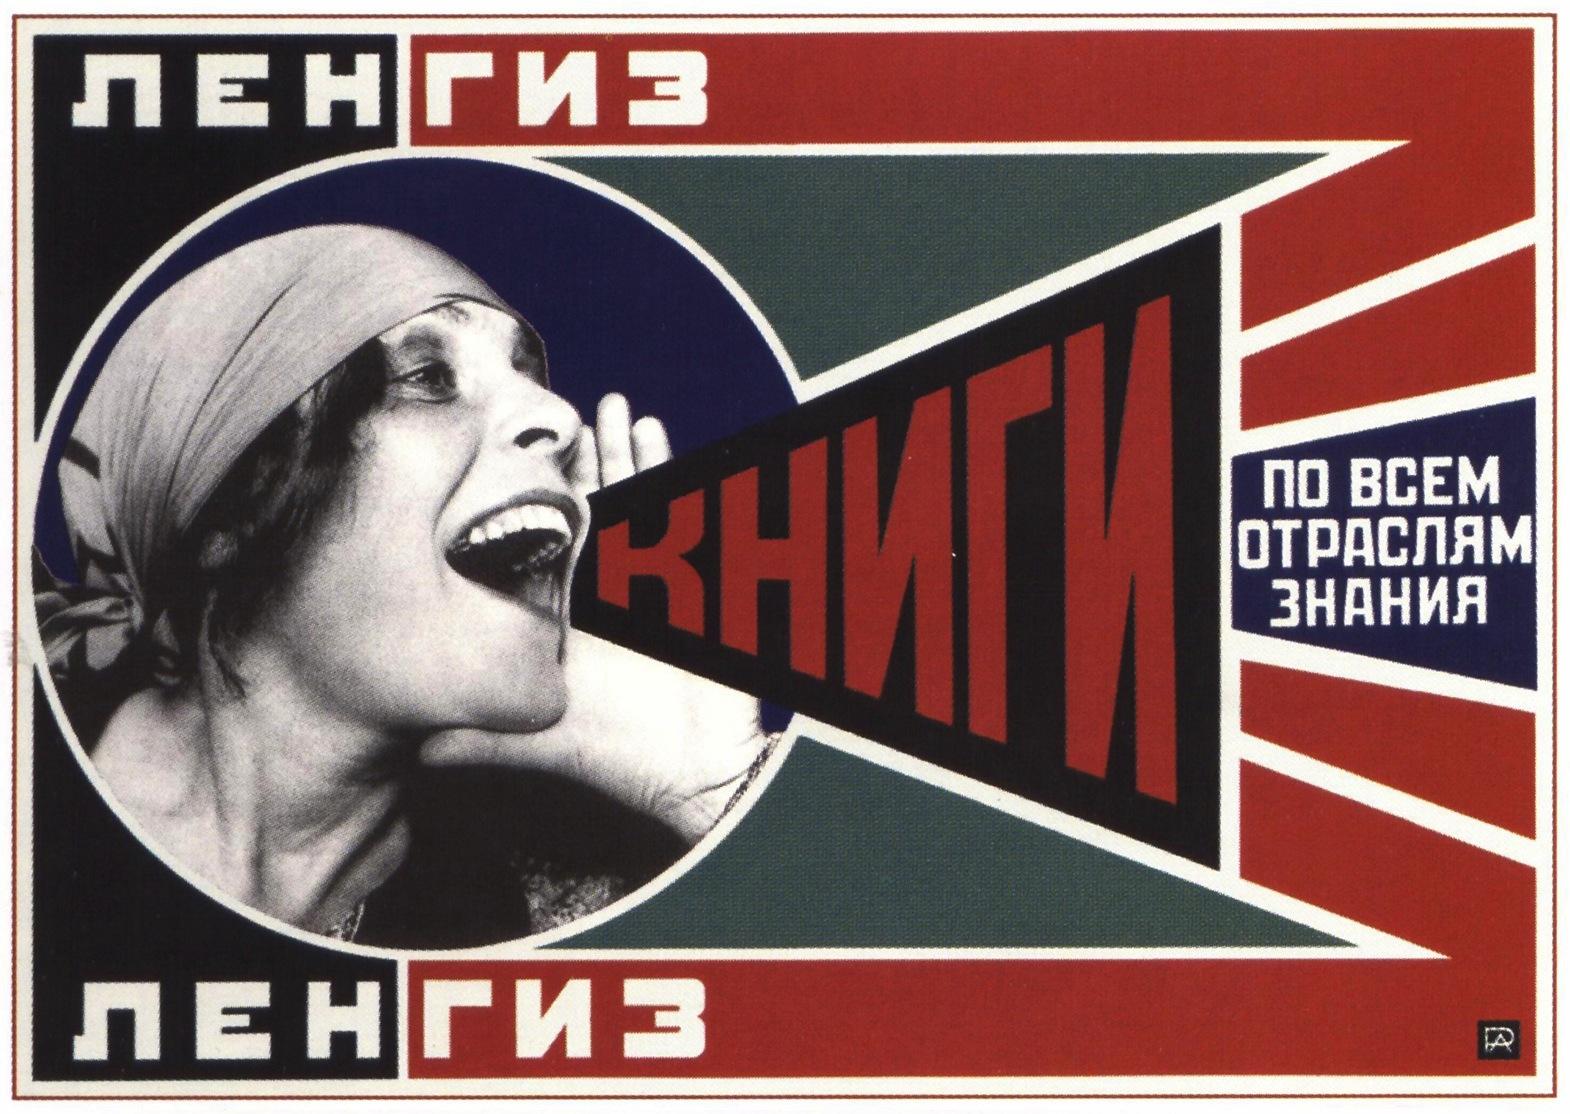 La diversificación de la propaganda rusa: PACMA, Podemos y ultraderecha